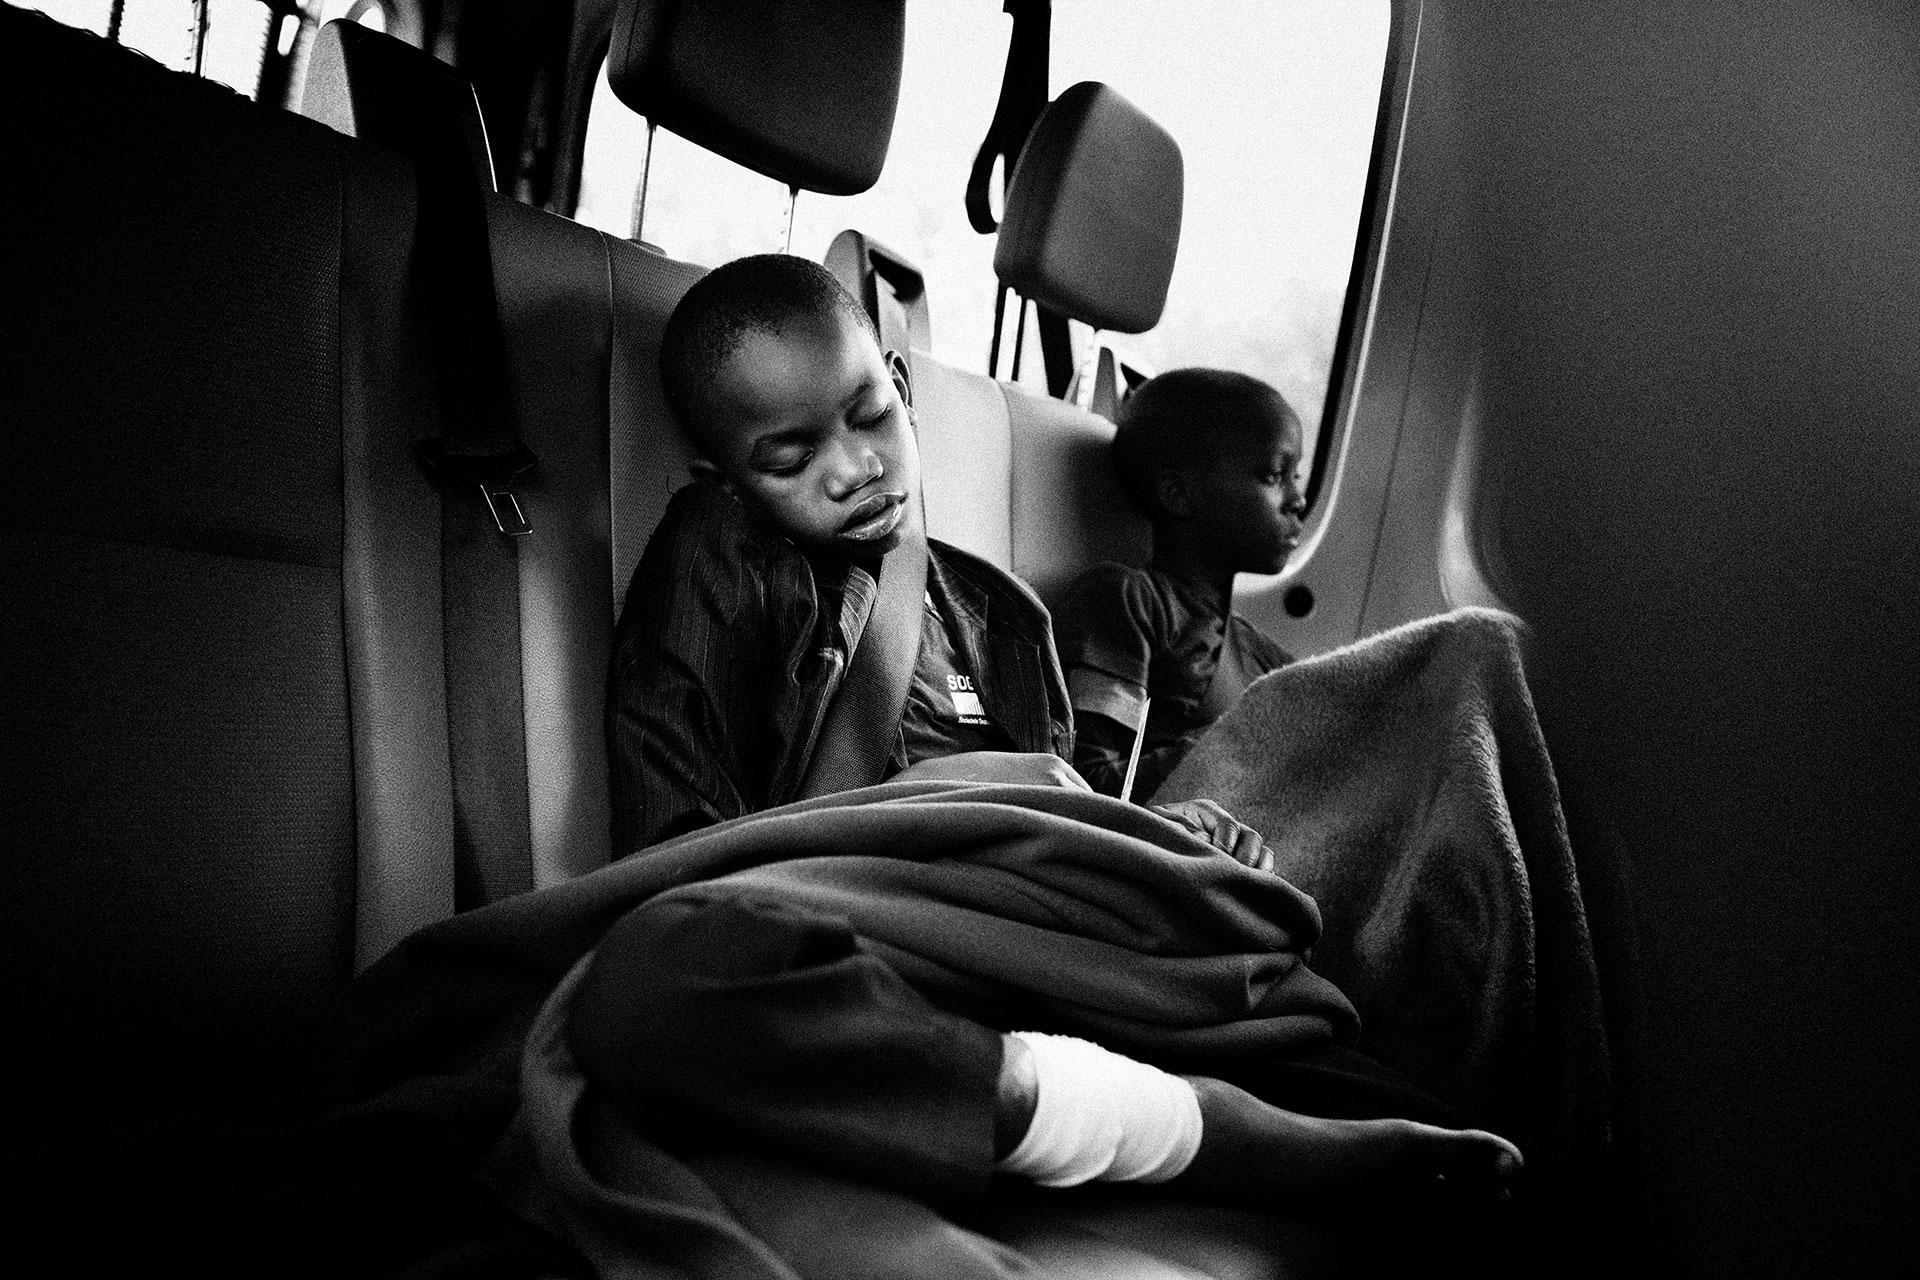 De camino del aeropuerto al hospital, Beto sucumbe al cansancio. Han transcurrido más de 24 horas desde que su padre y su madre le vistieron con sus mejores ropas y le entregaron a los socios locales de Peace Village en Luanda, Angola.